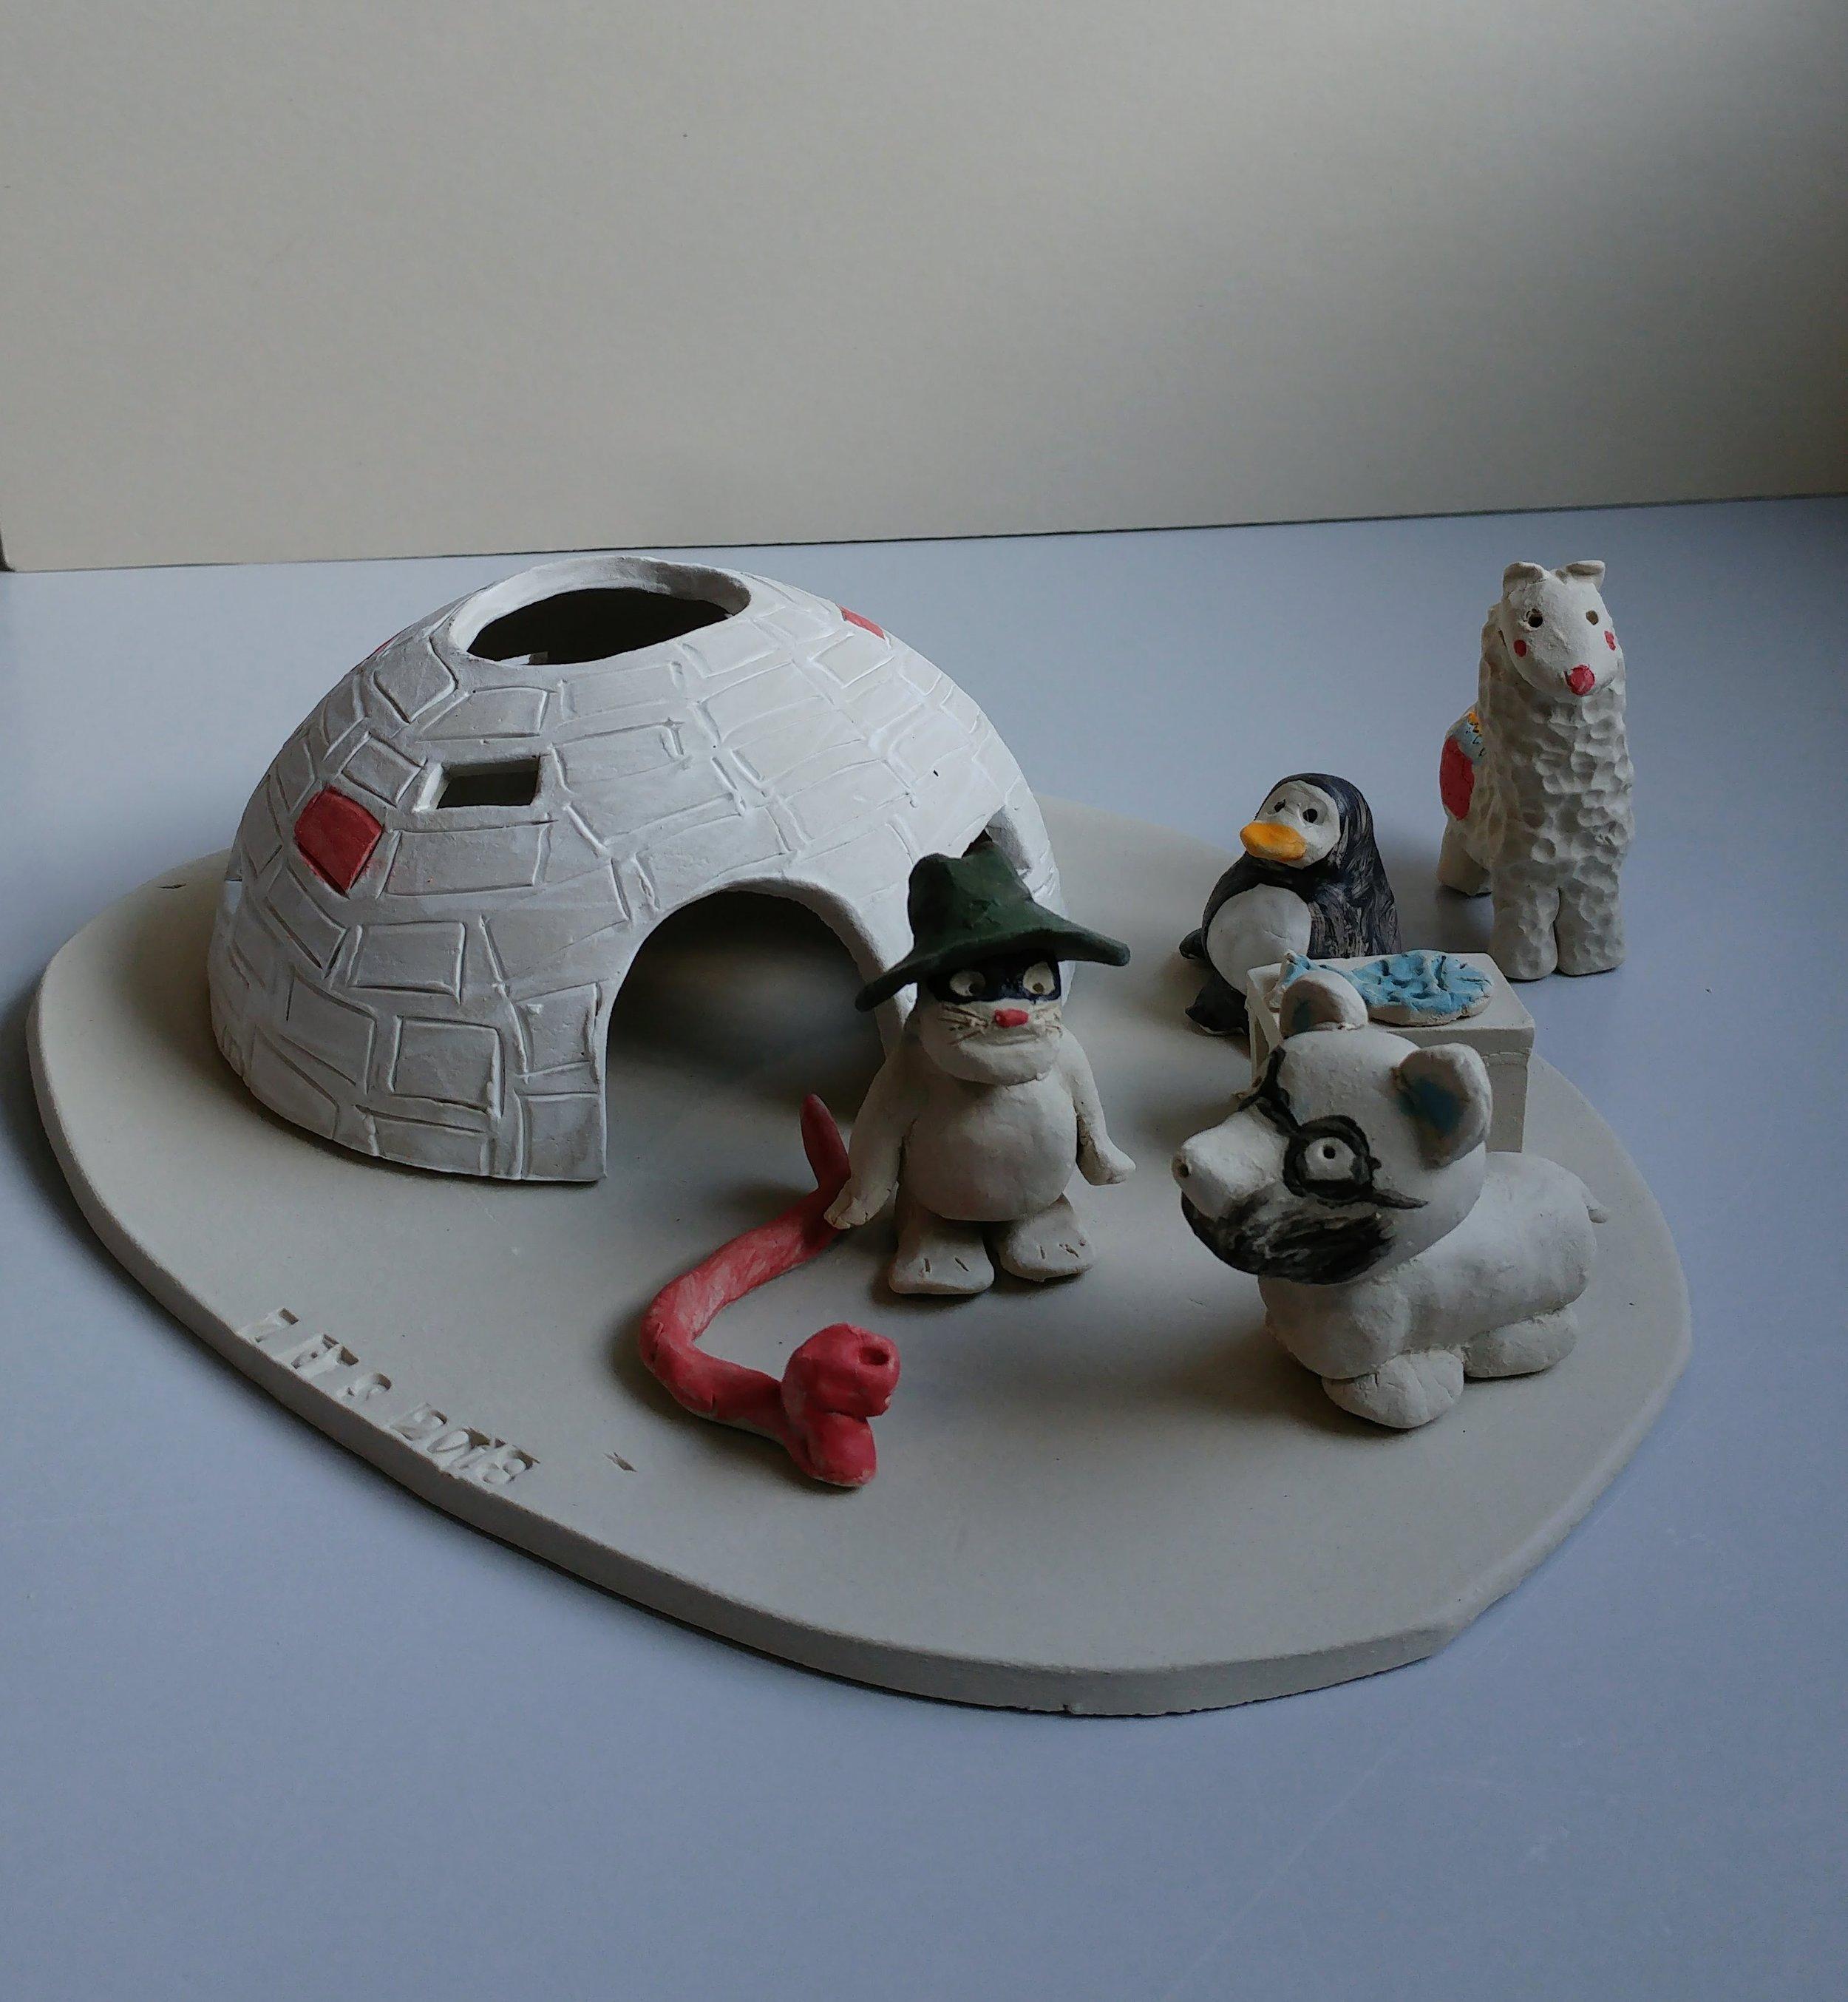 03-2018 - Stage ceramique parent enfant maison 9.jpg